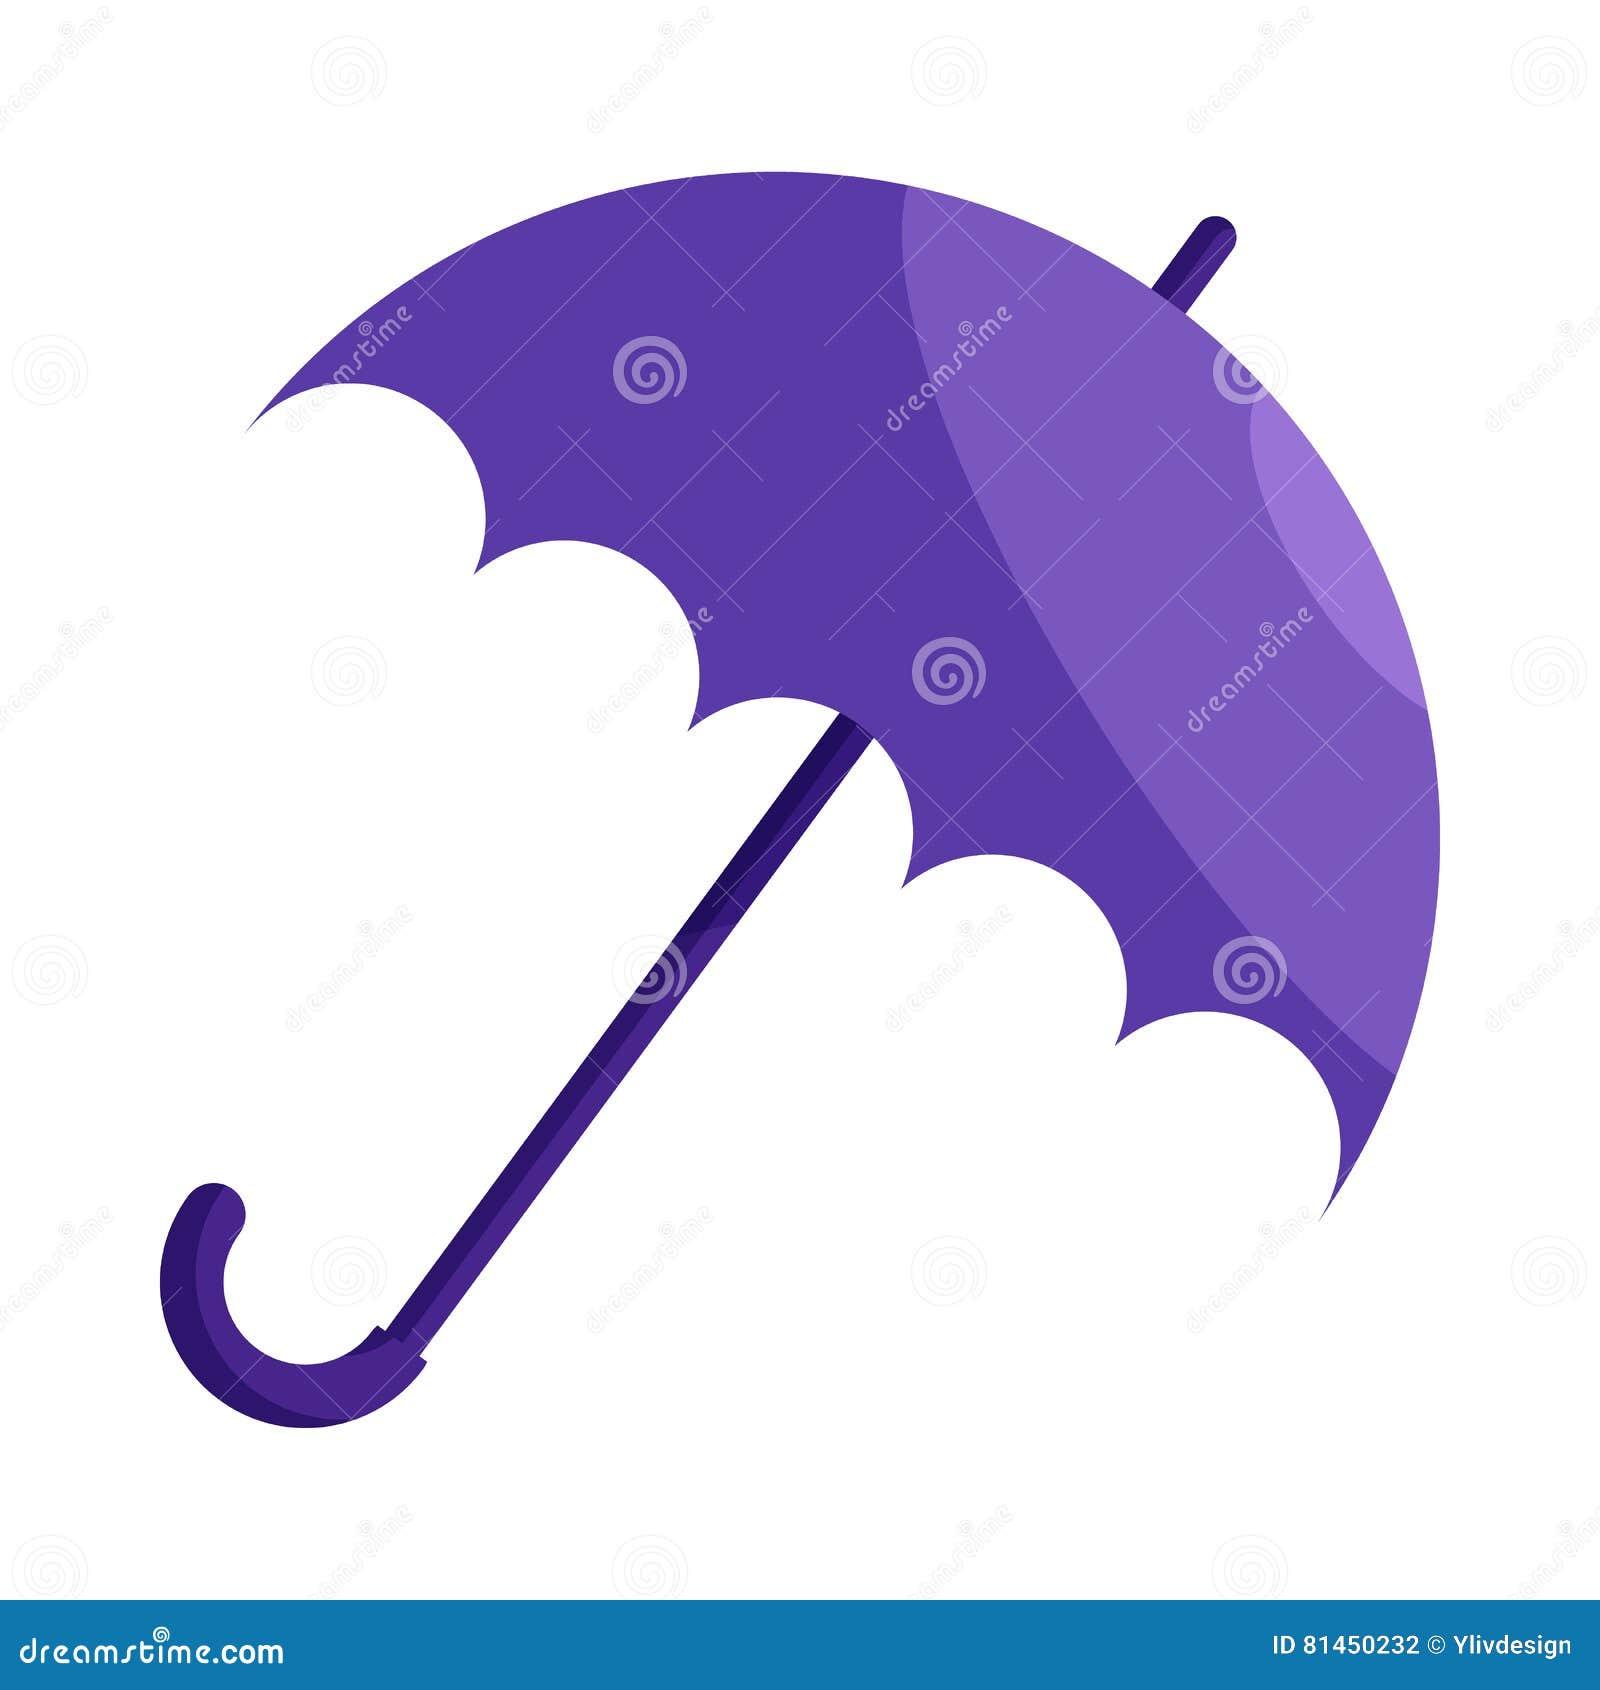 violet umbrella icon cartoon style stock vector image 81450232